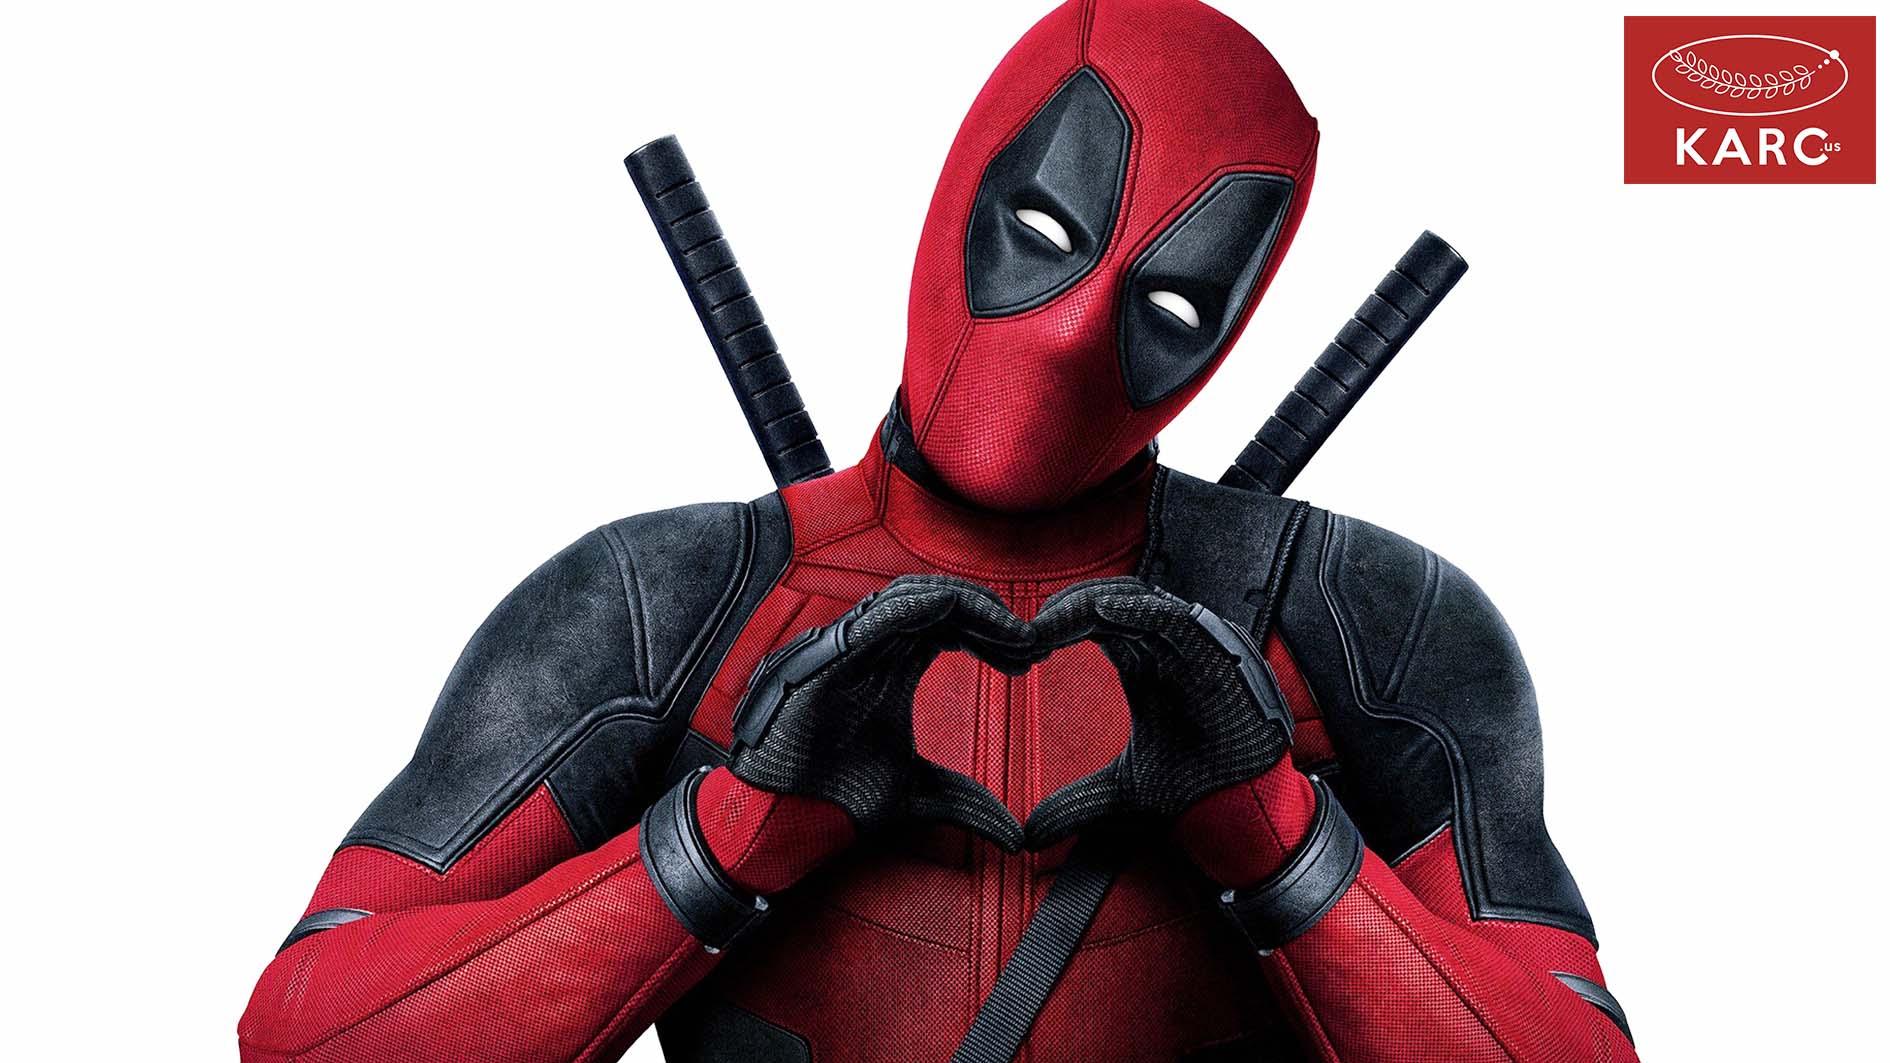 อนุมัติให้ทำ Deadpool 3 แล้ว ! ด้วยคำยืนยันจาก Ryan Reynolds วงการภาพยนต์ แนะนำหนังดี แนะนำหนังน่าดู หนังน่าดู รีวิวหนังใหม่ ก่อนตายต้องได้ดู! ข่าวดารา ข่าวเด่นประเด็นร้อน รีวิวหนังใหม่ หนังดังในอดีต karc.us